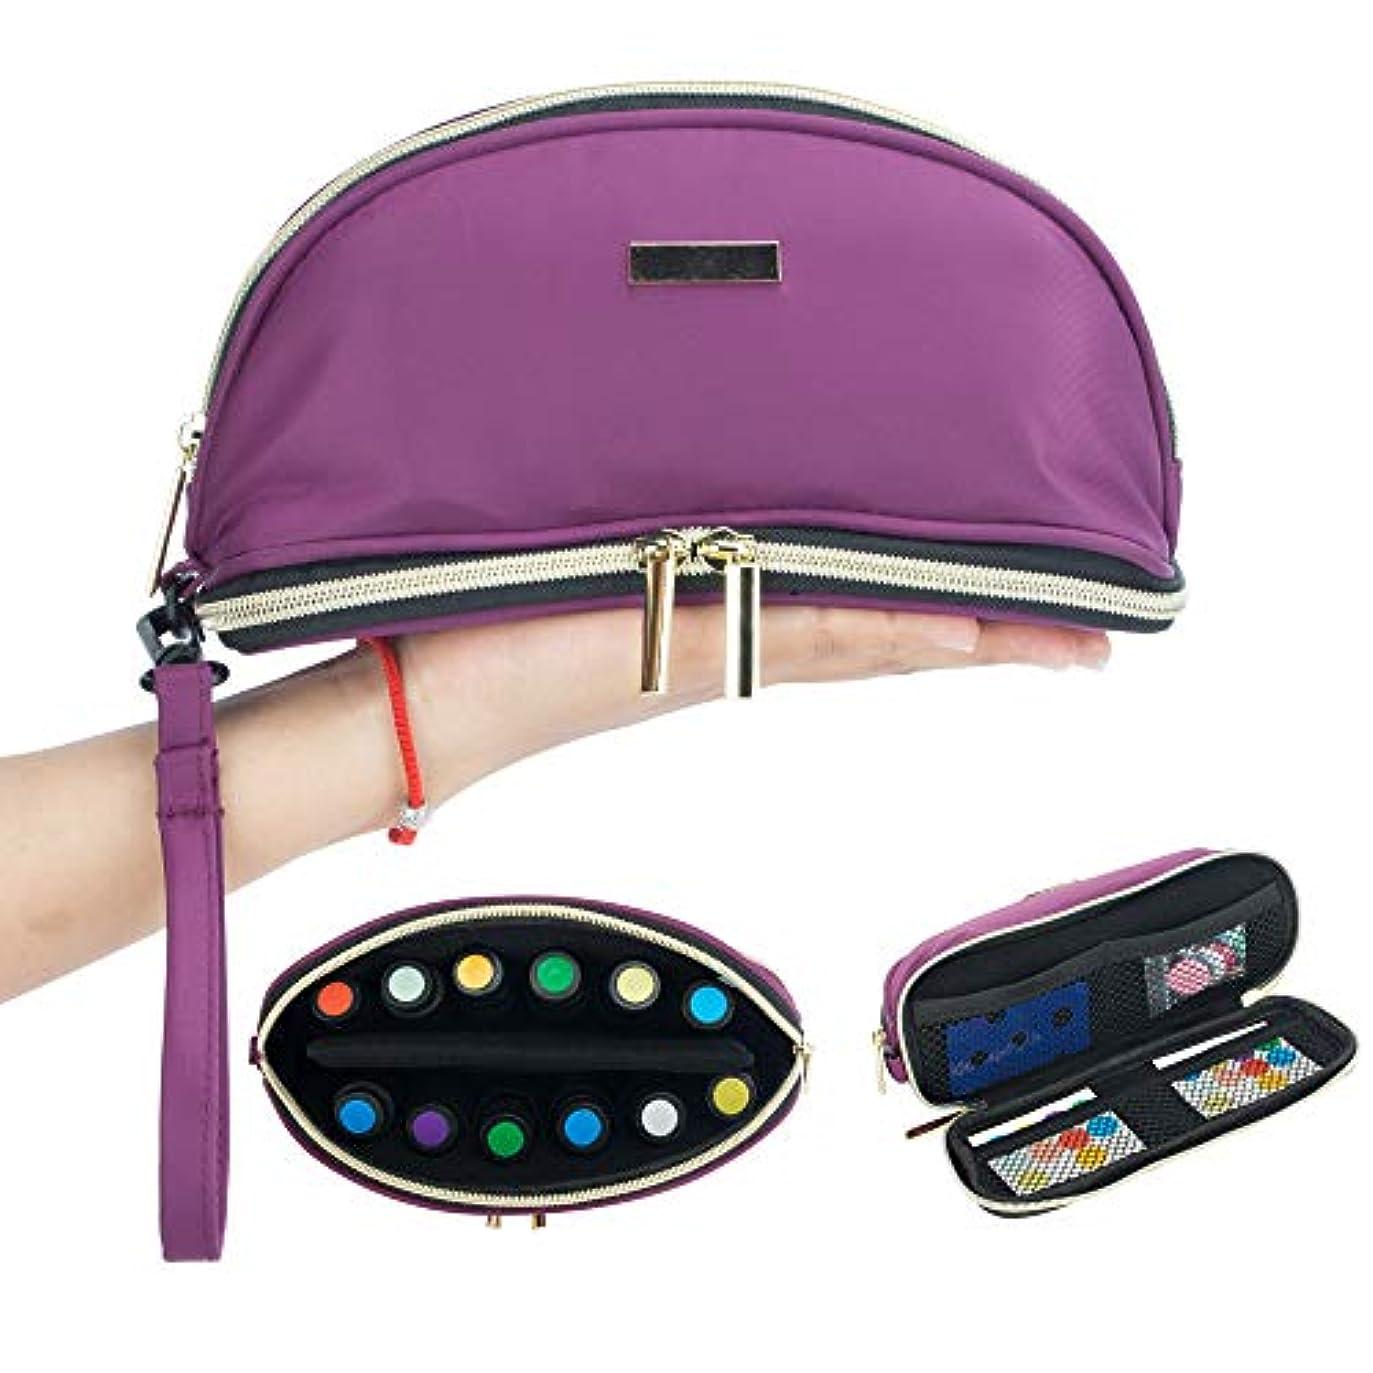 [Pacmaxi]エッセンシャルオイル 収納ポーチ 携帯便利 旅行 12本収納(5ml - 15ml) ナイロン製 撥水加工 ストラップあり (12本用パープル)